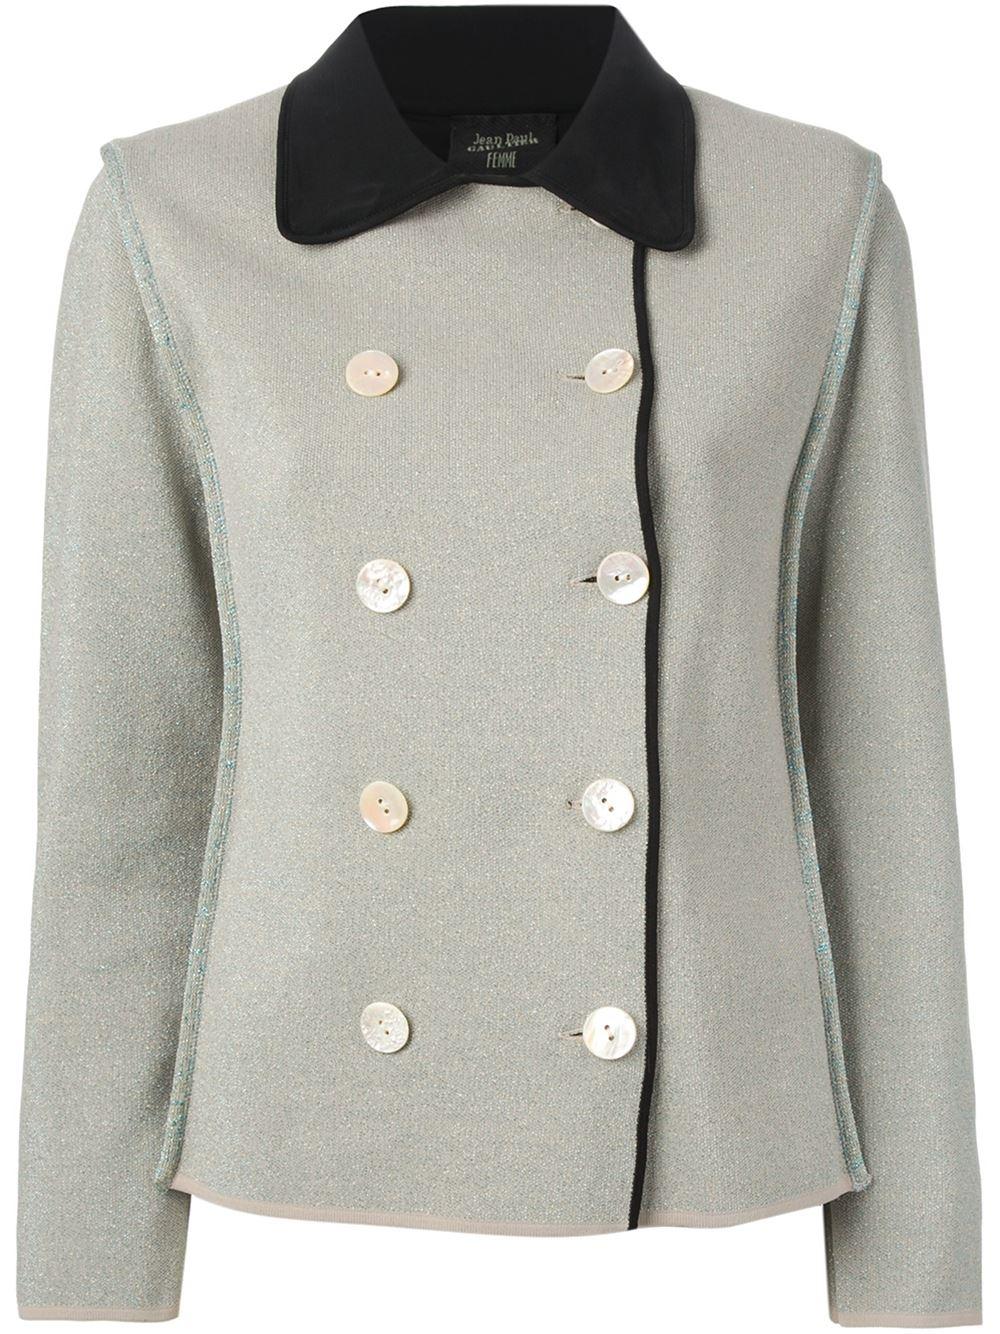 Jean Paul Gaultier Lam 233 Boucl 233 Jacket In Gray Grey Lyst